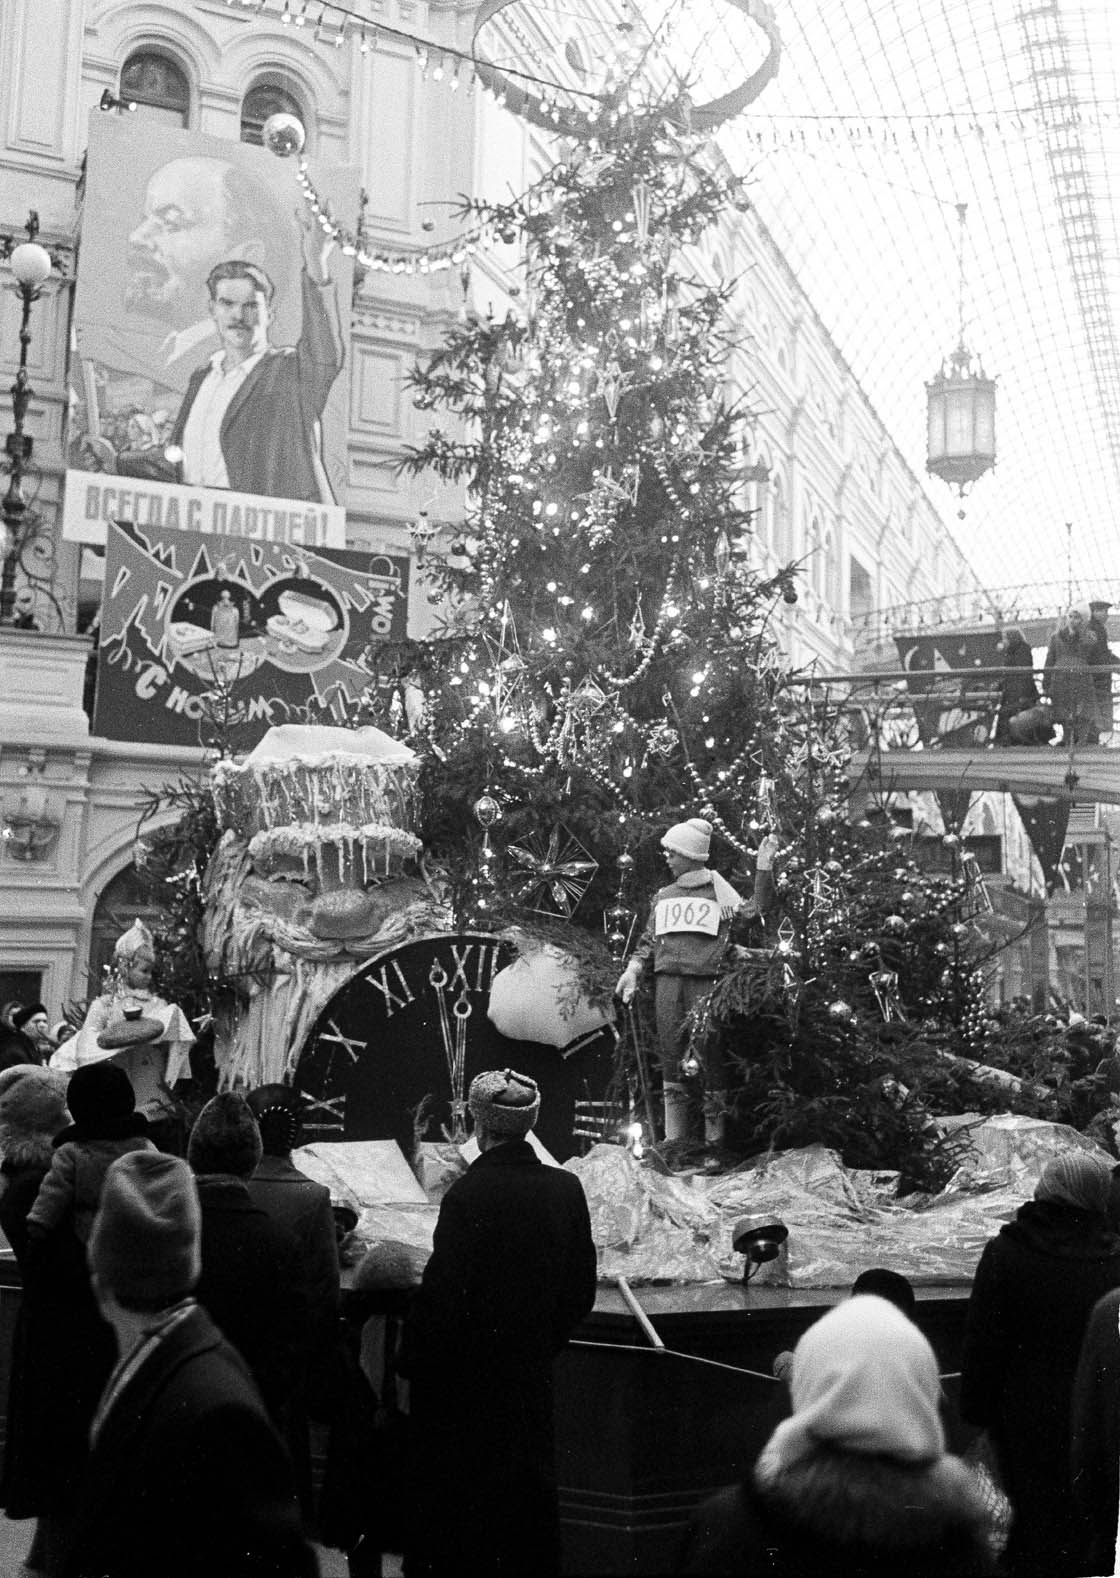 1962. Новогодняя ёлка в Государственном универсальном магазине. Автор В. Егоров.